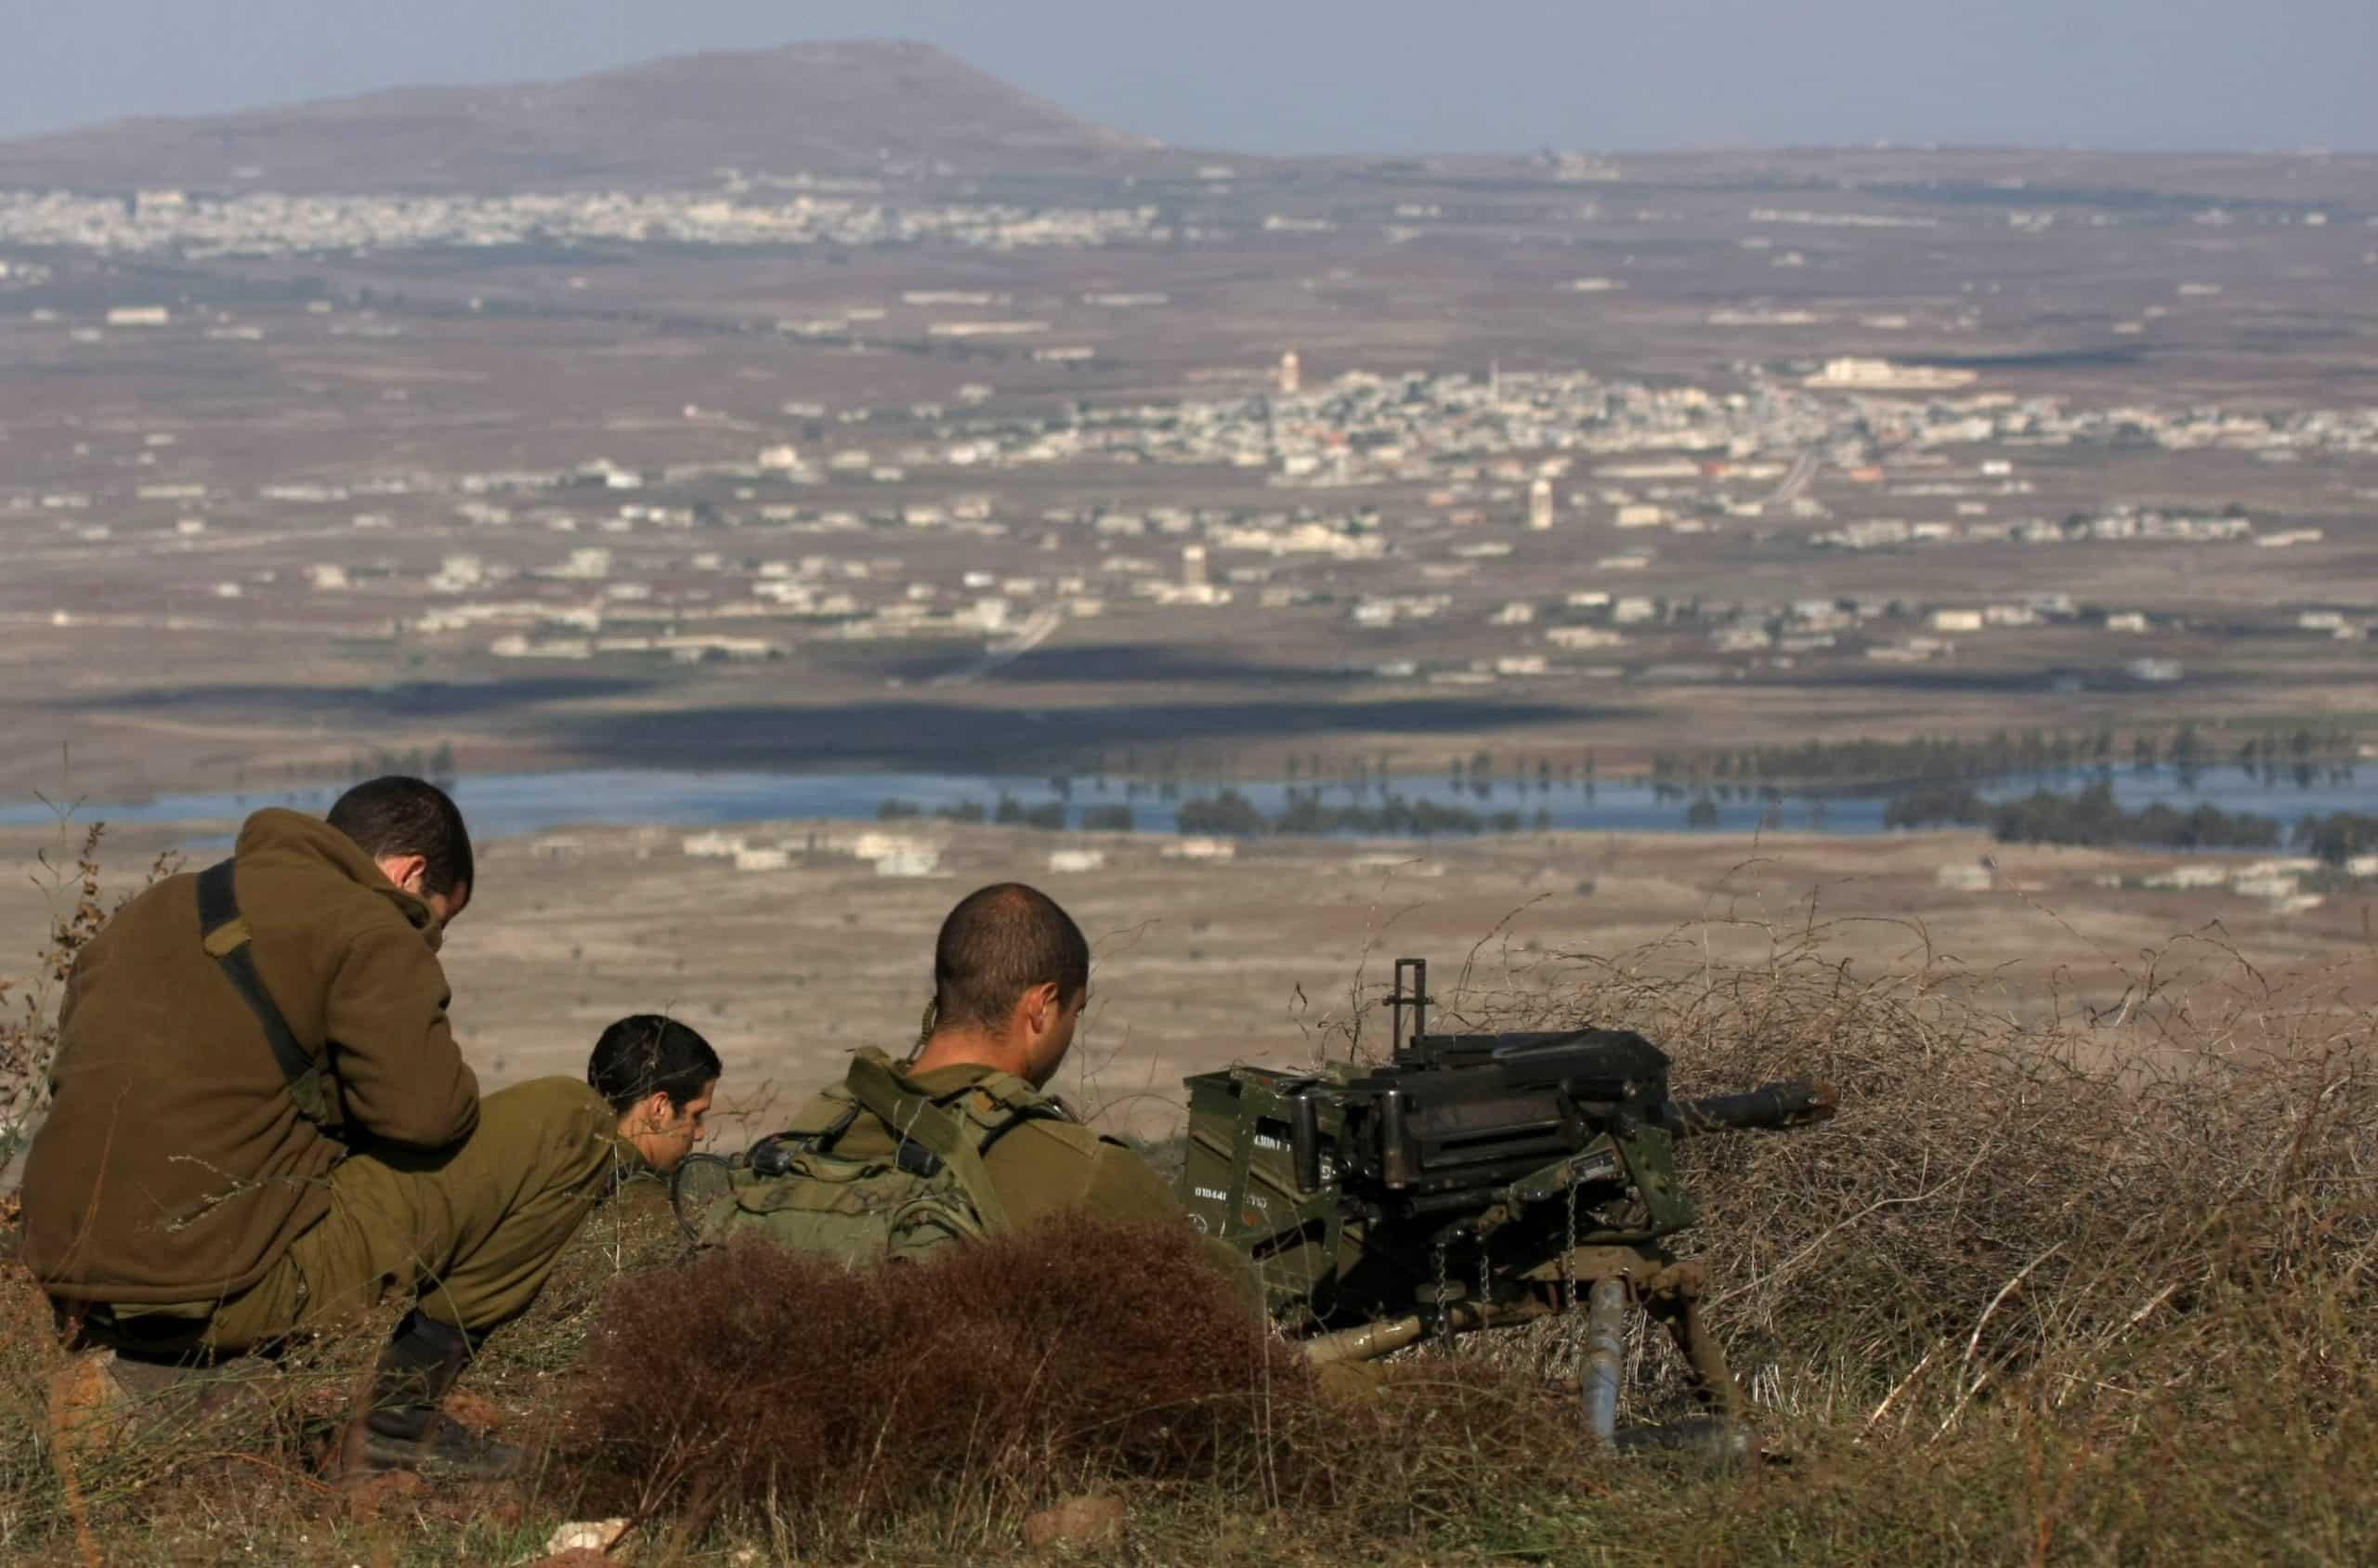 تعرف على الخطوط السبع الحمراء الإسرائيلية في سوريا